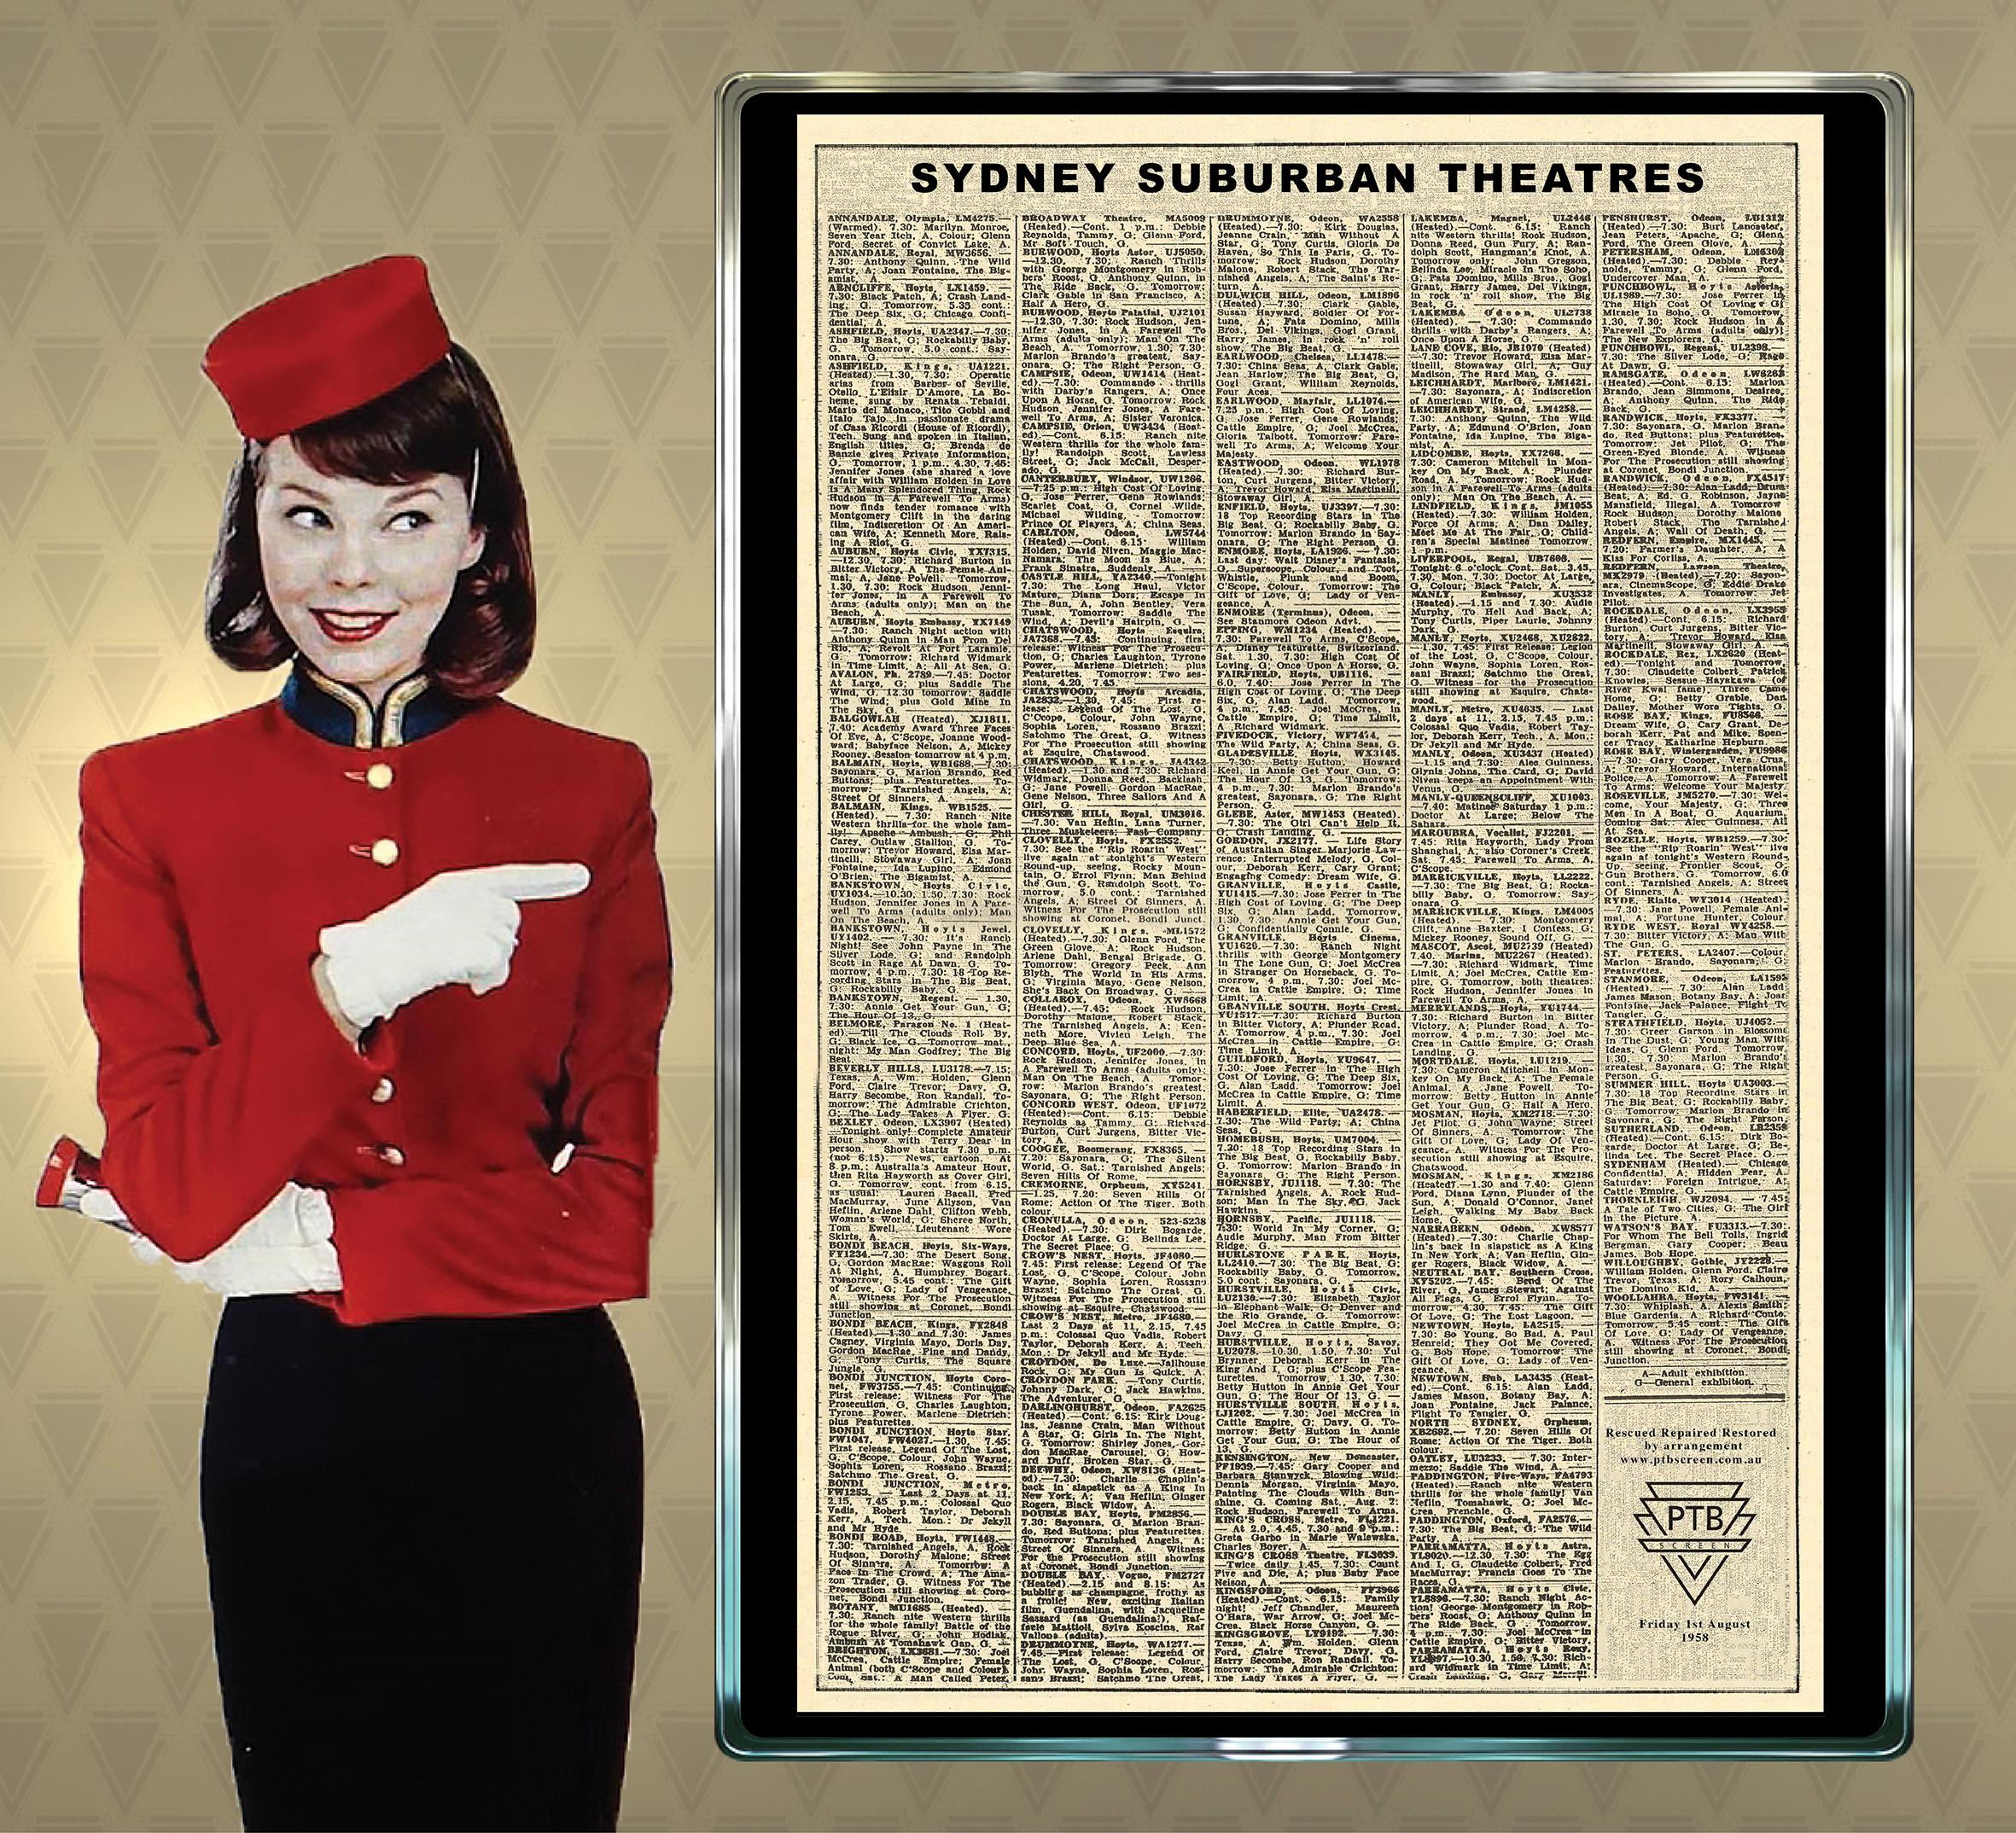 PTB RED USHERETTE_SST Poster2.jpg